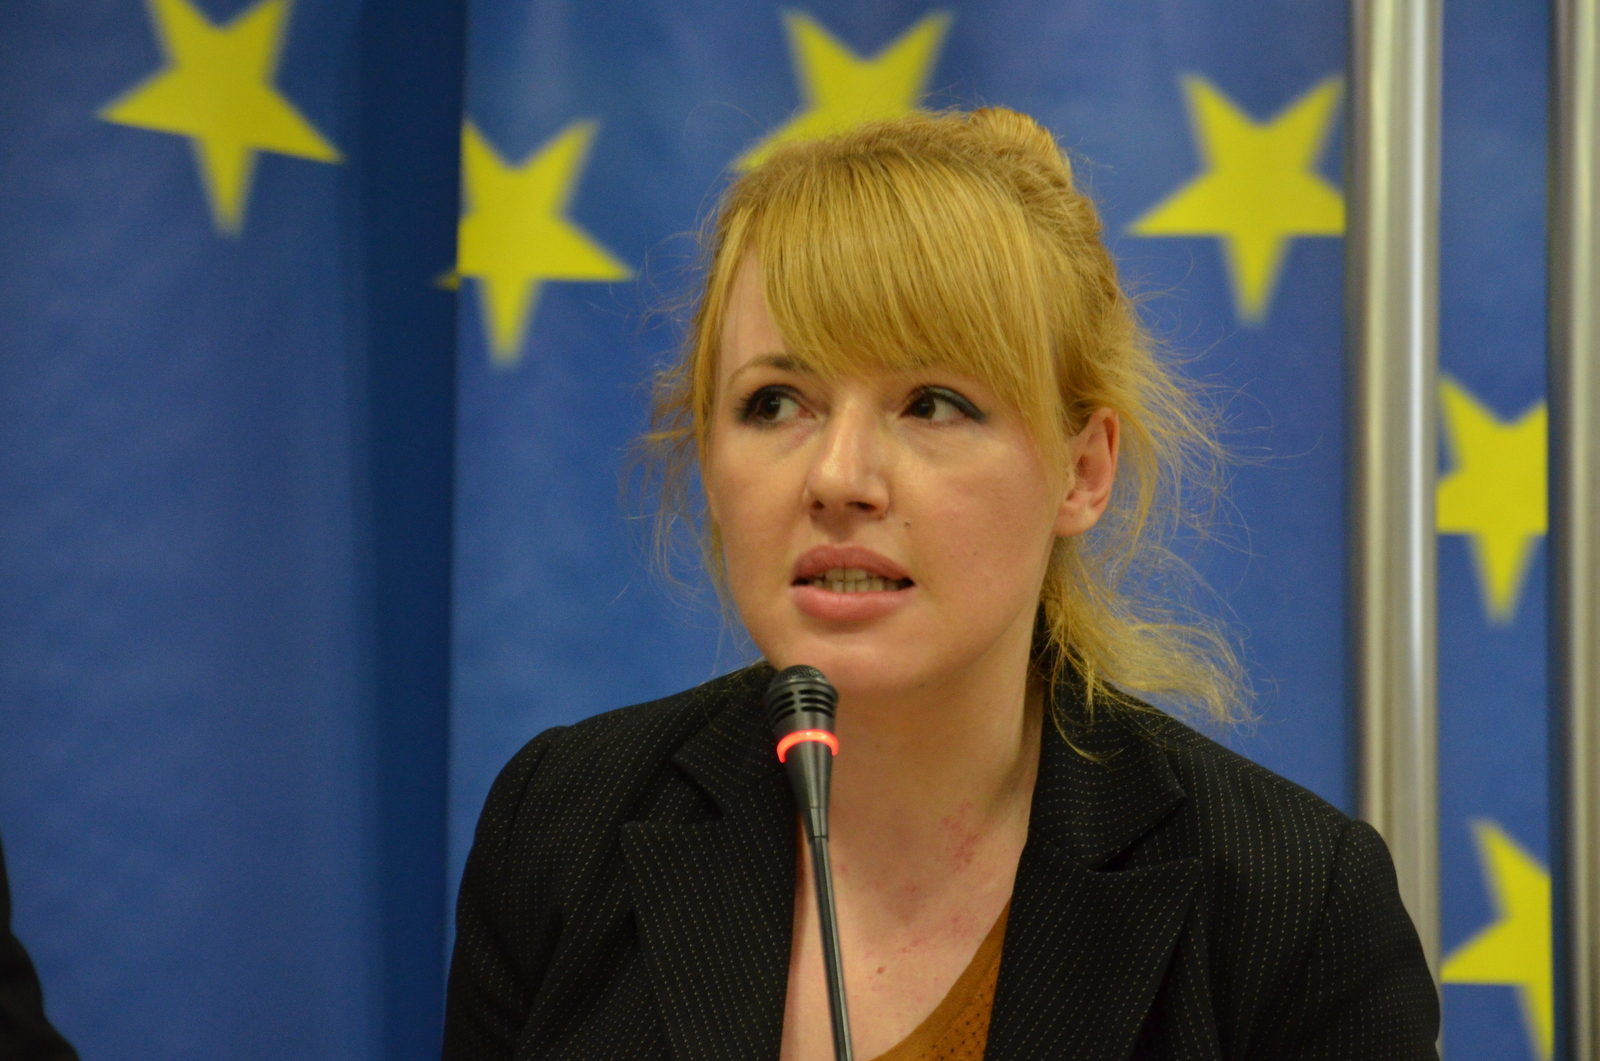 Saska Cvetkovska